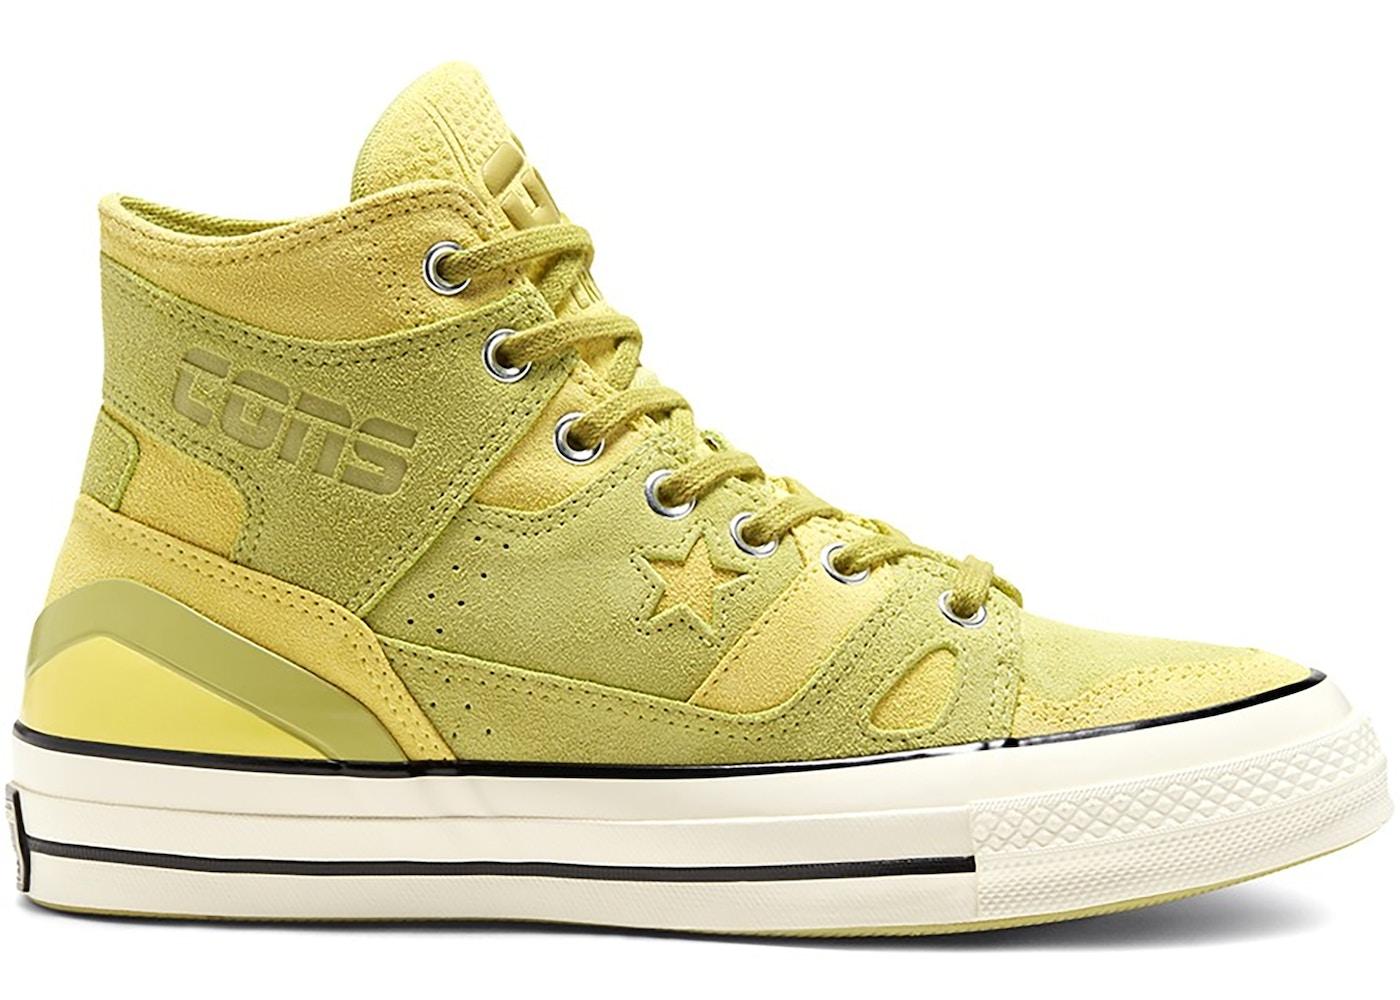 Converse Chuck 70 E260 Green Banana